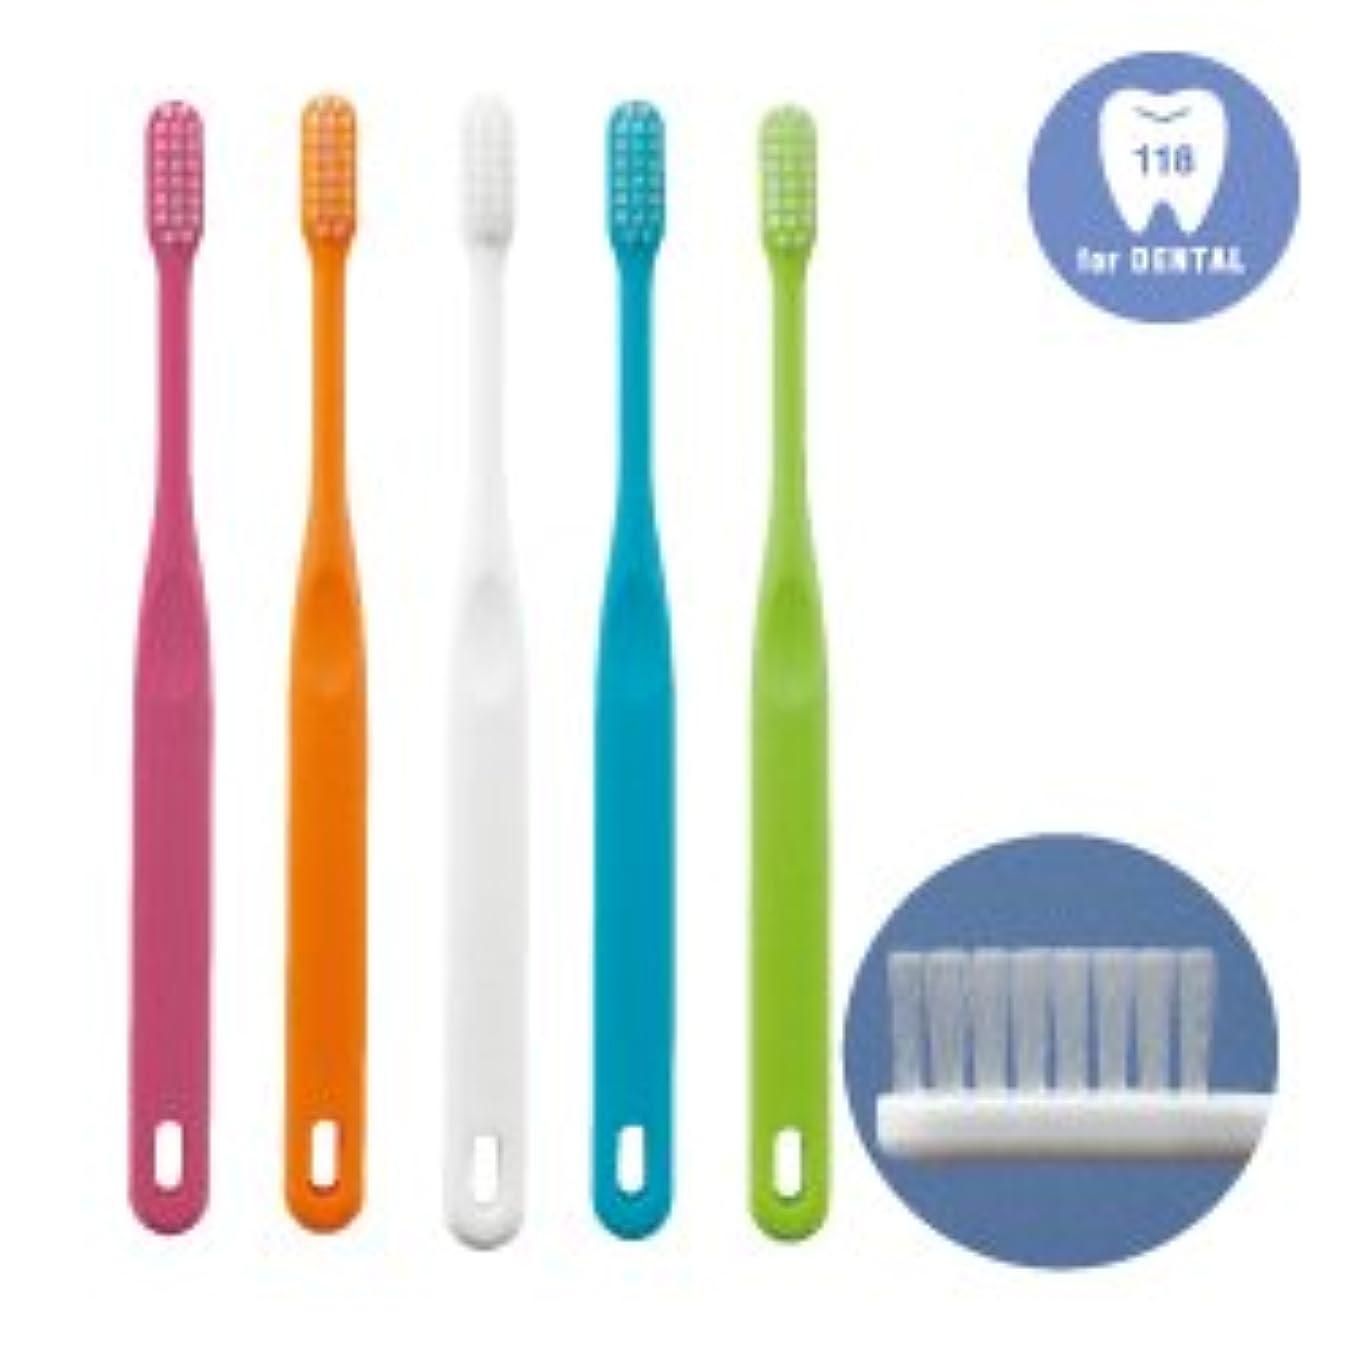 圧縮刺繍アームストロング歯科専用歯ブラシ「118シリーズ」Advance(アドバンス)M(ふつう)25本